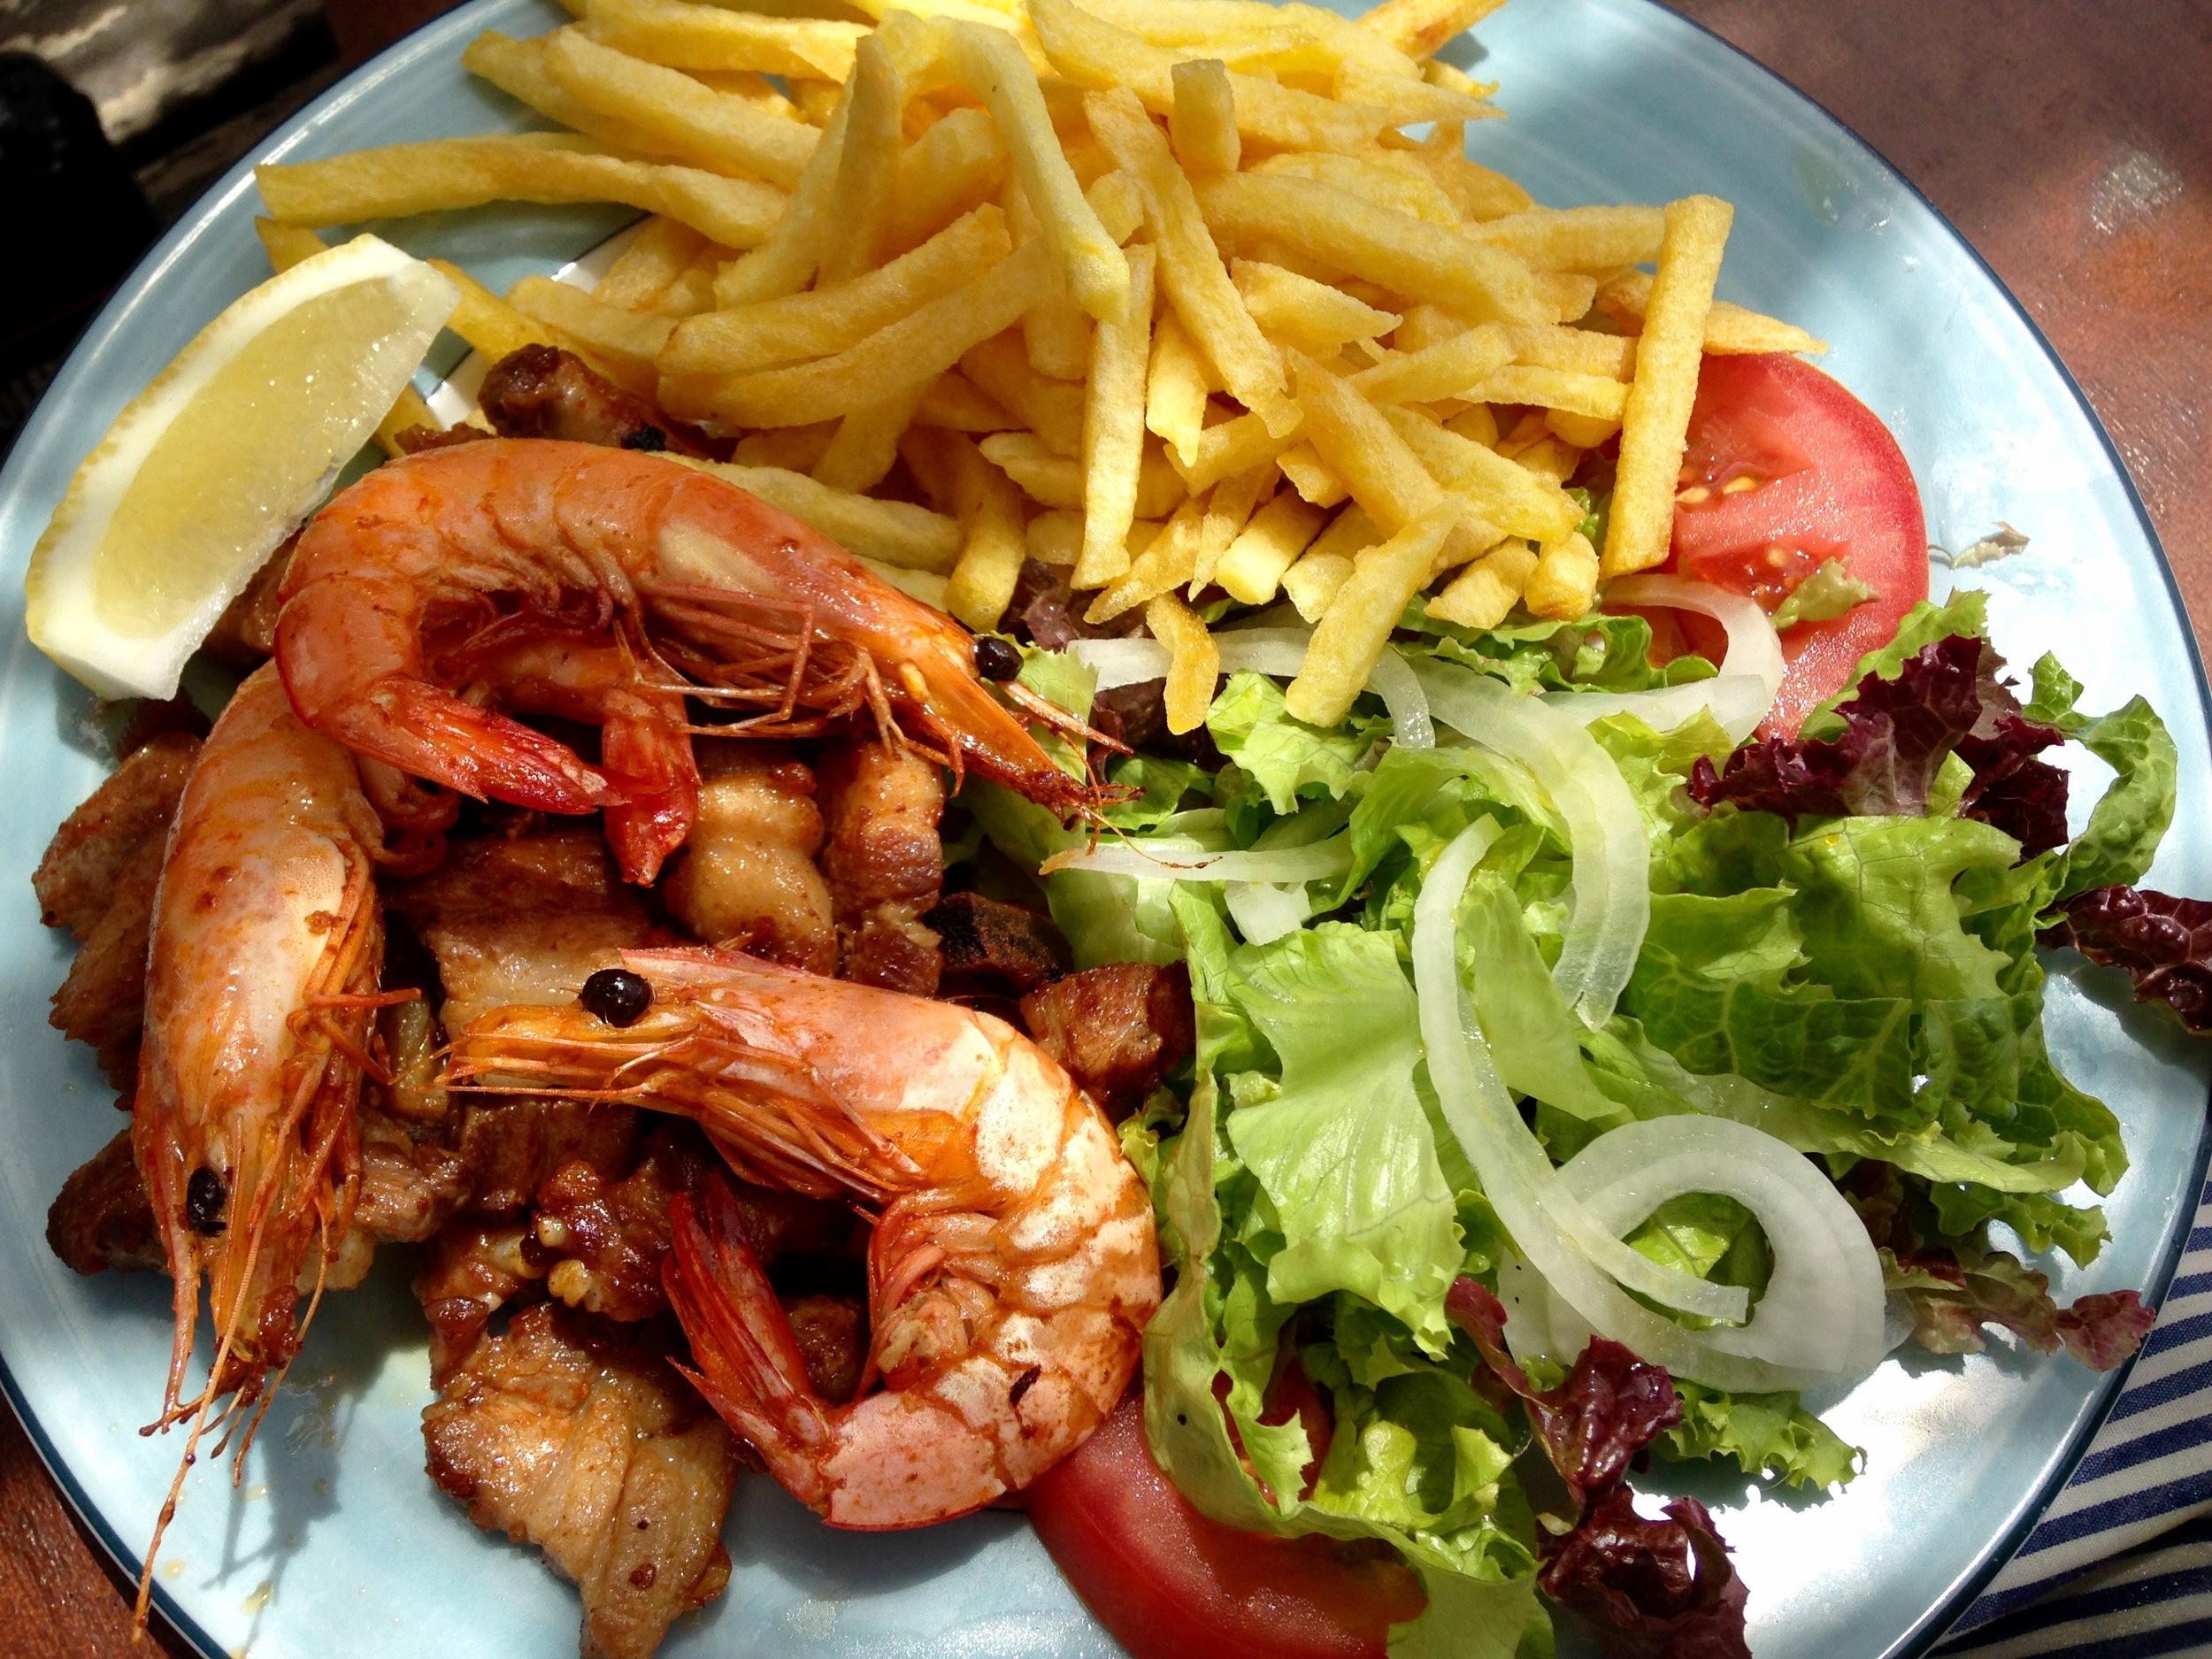 fried pork & shrimp